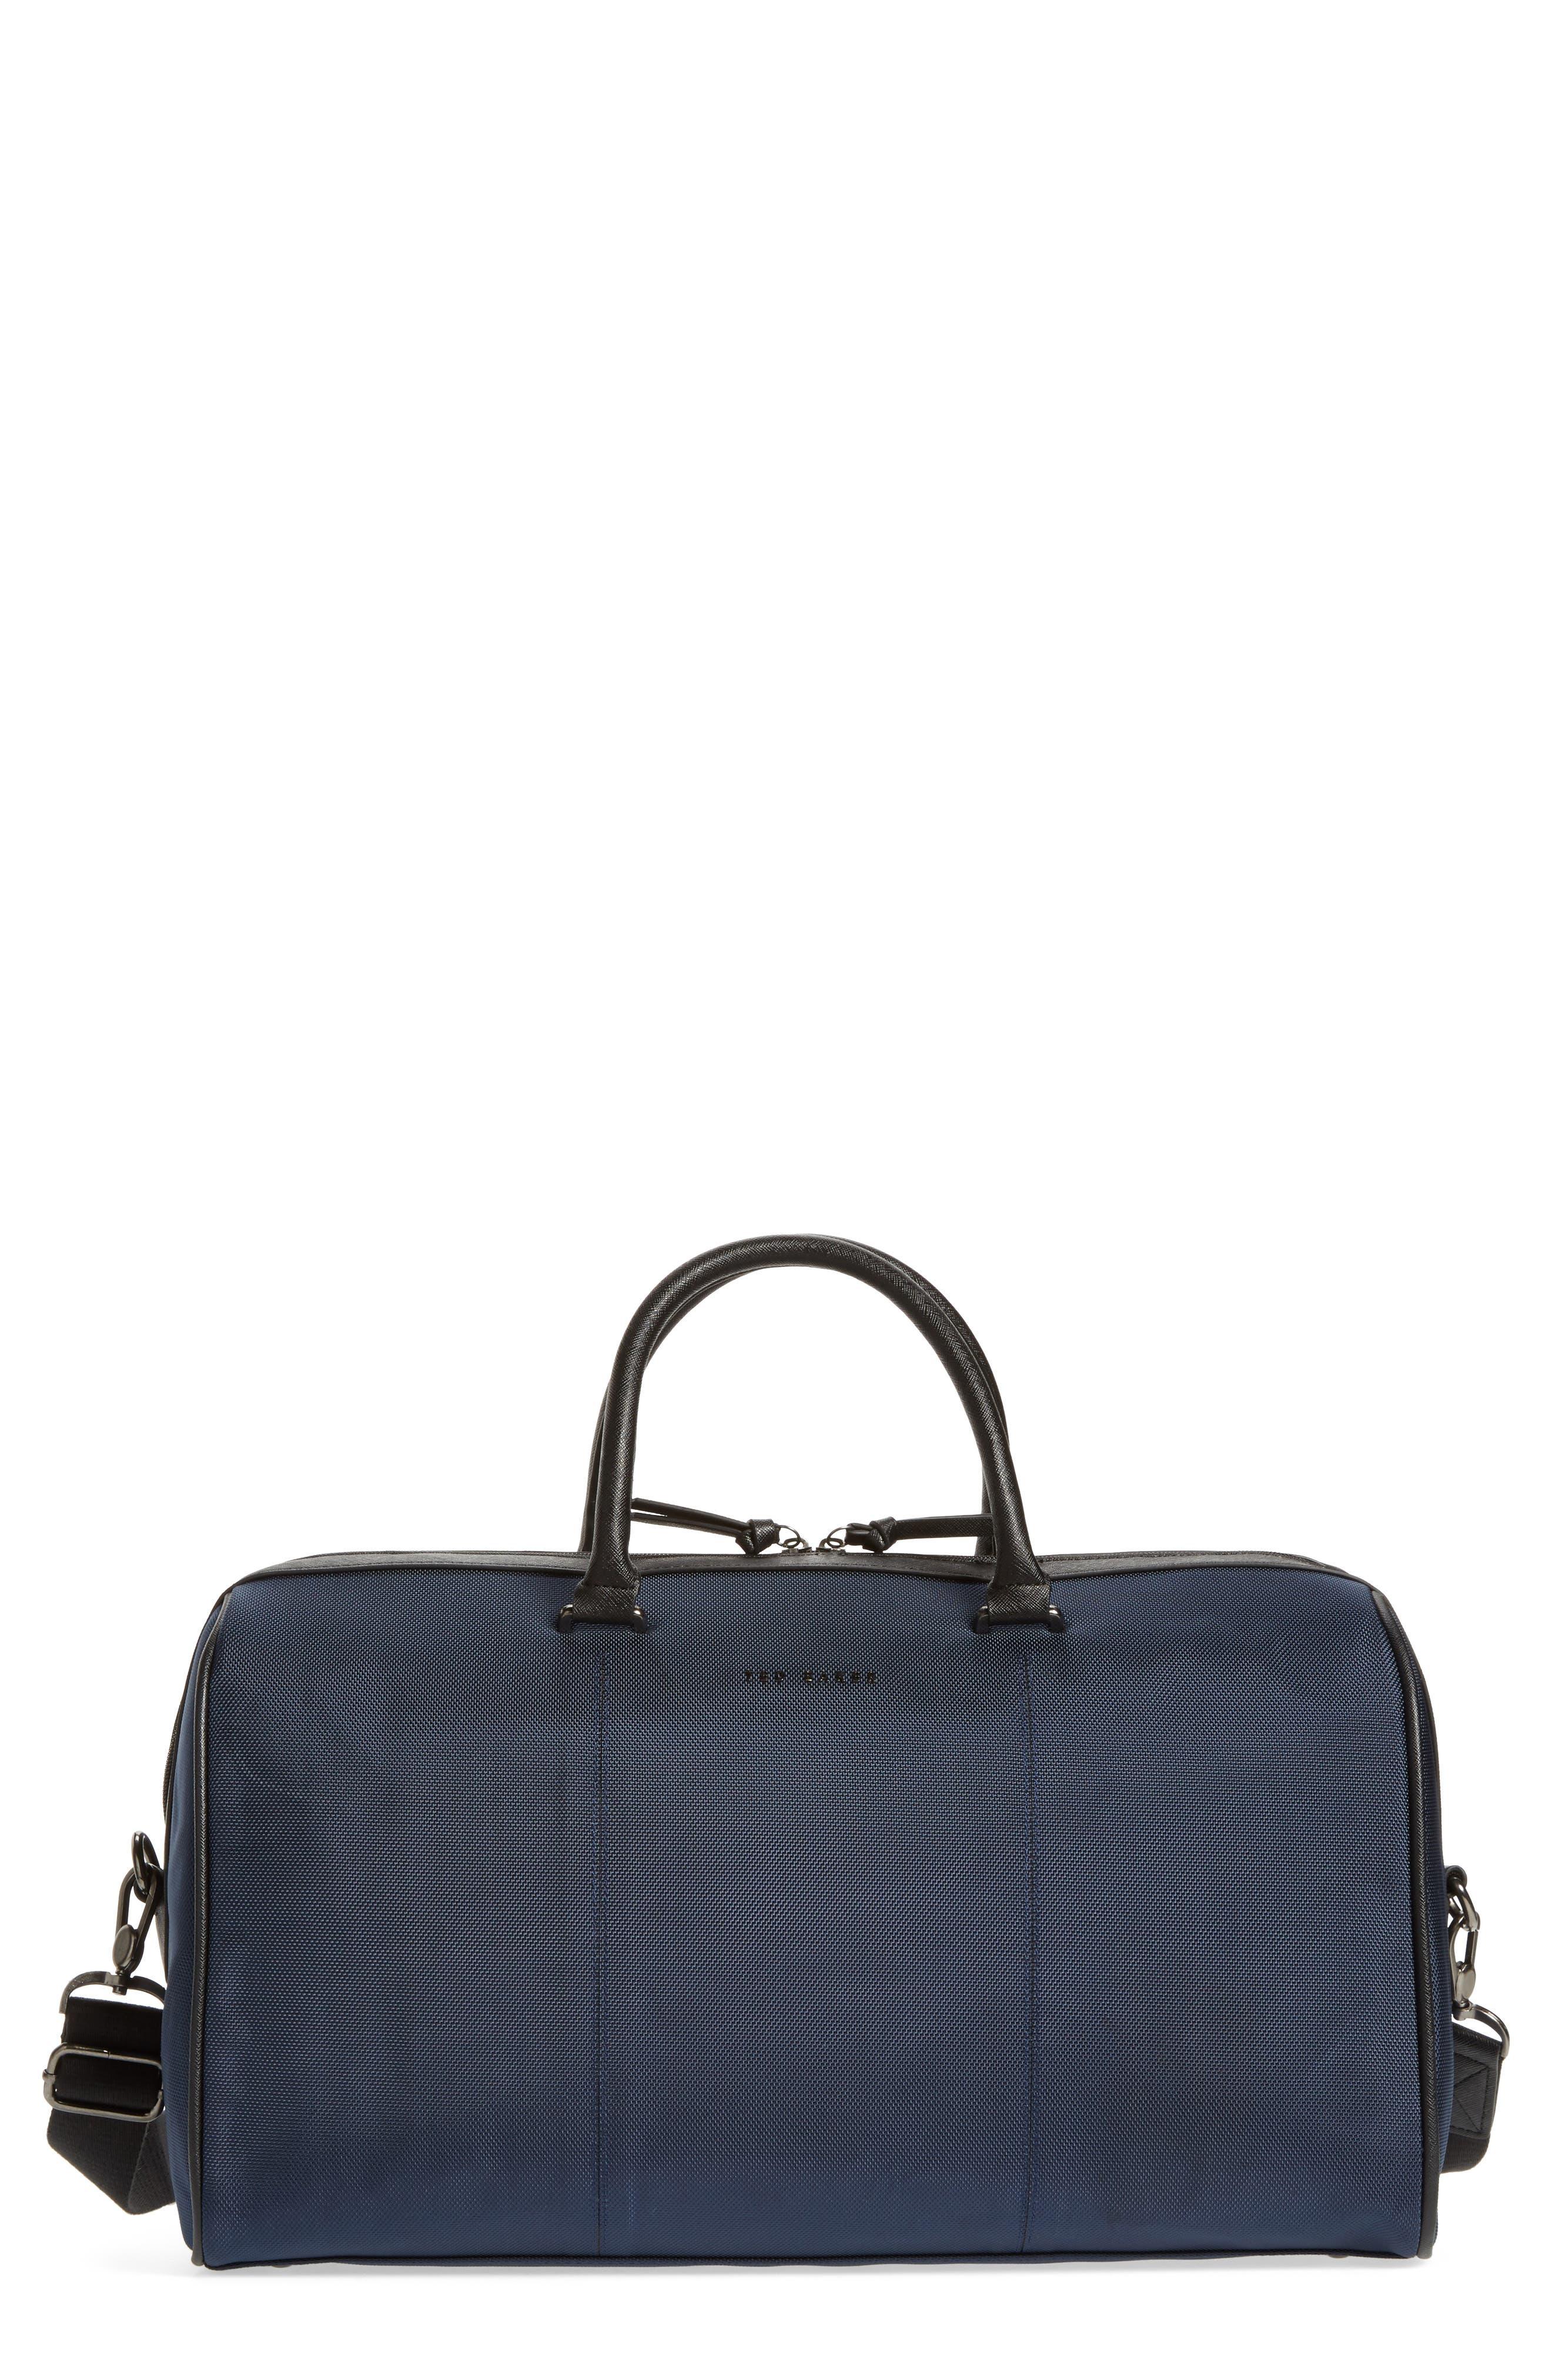 Sheeran Duffel Bag,                         Main,                         color, Navy